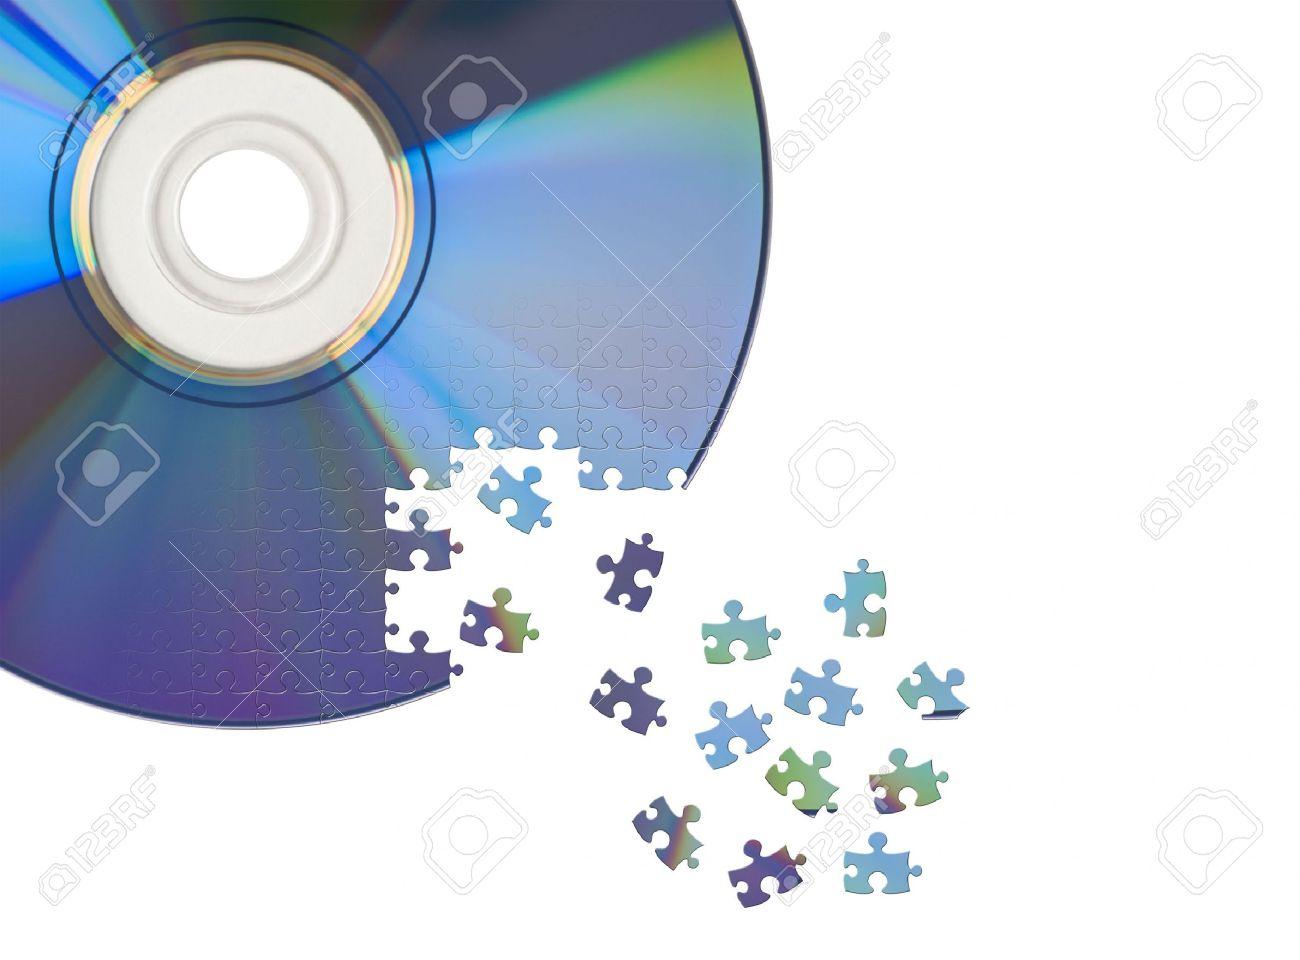 Manipulation-von-Daten-Archivierung-Sicherheit-Verschl-sselung-und-Entschl--Lizenzfreie-Bilder